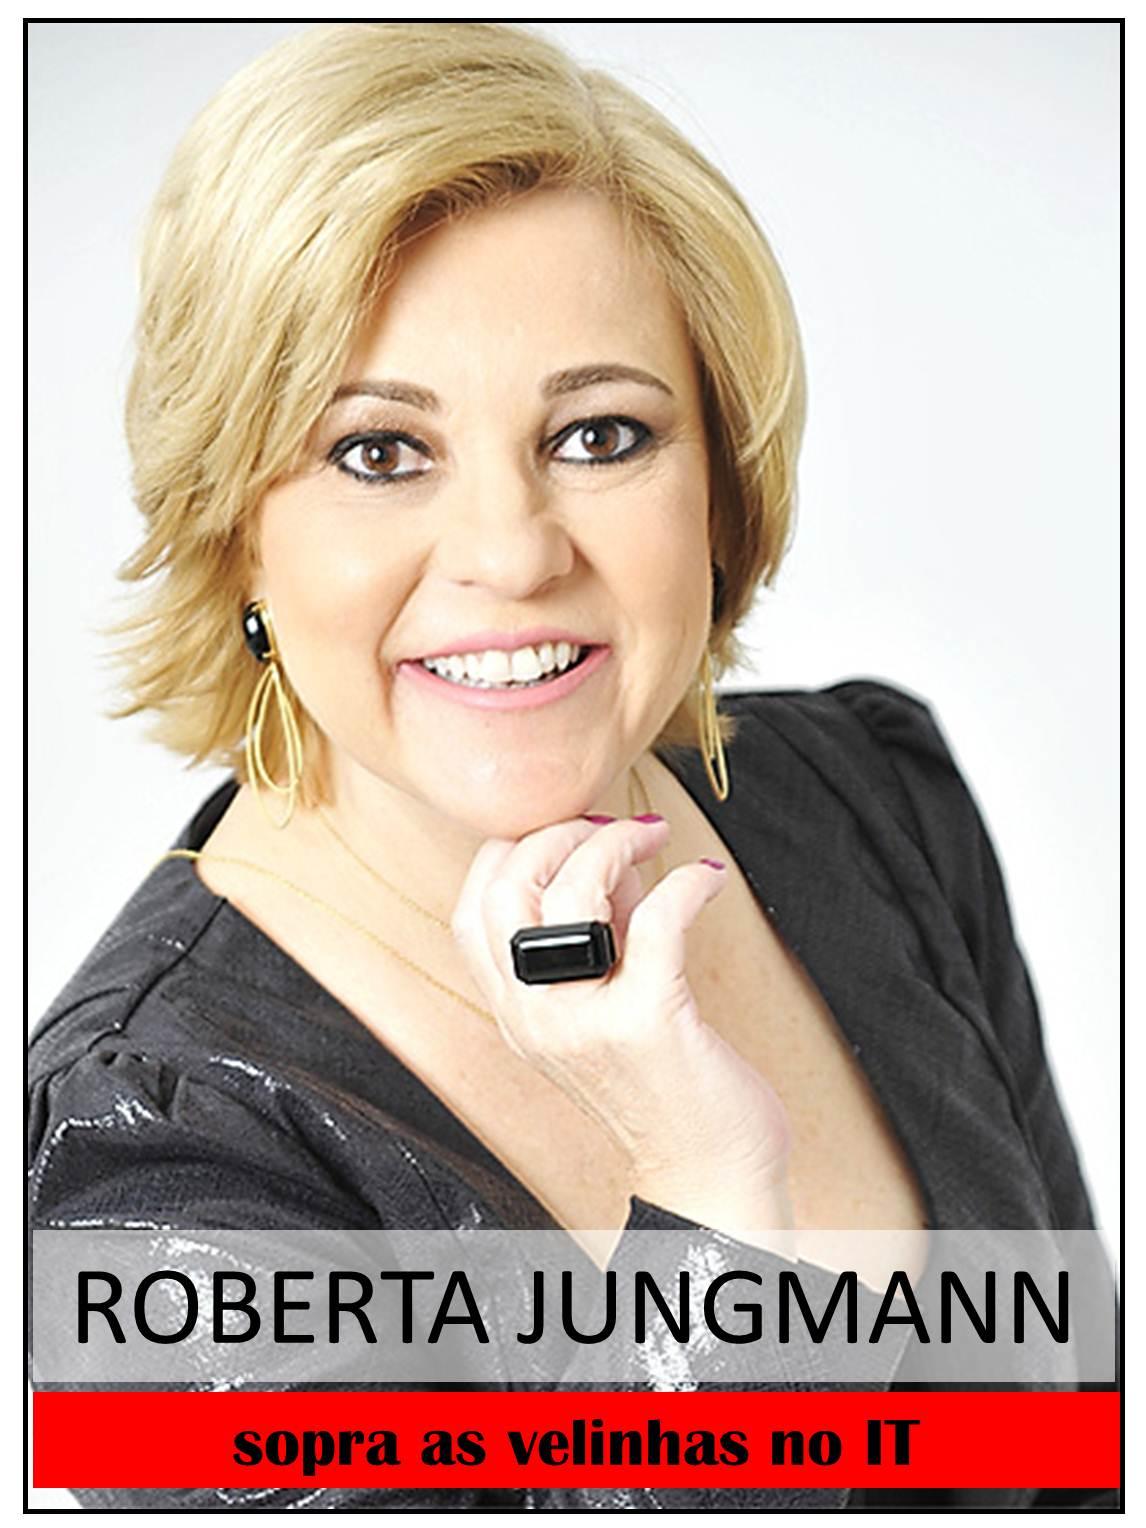 Roberta Jungmann vira a folhinha no próximo dia 27, mas como ela volta de  circulada pela Europa (onde curte férias) só no dia anterior, a comemoração  vai ... 54f41df0cf